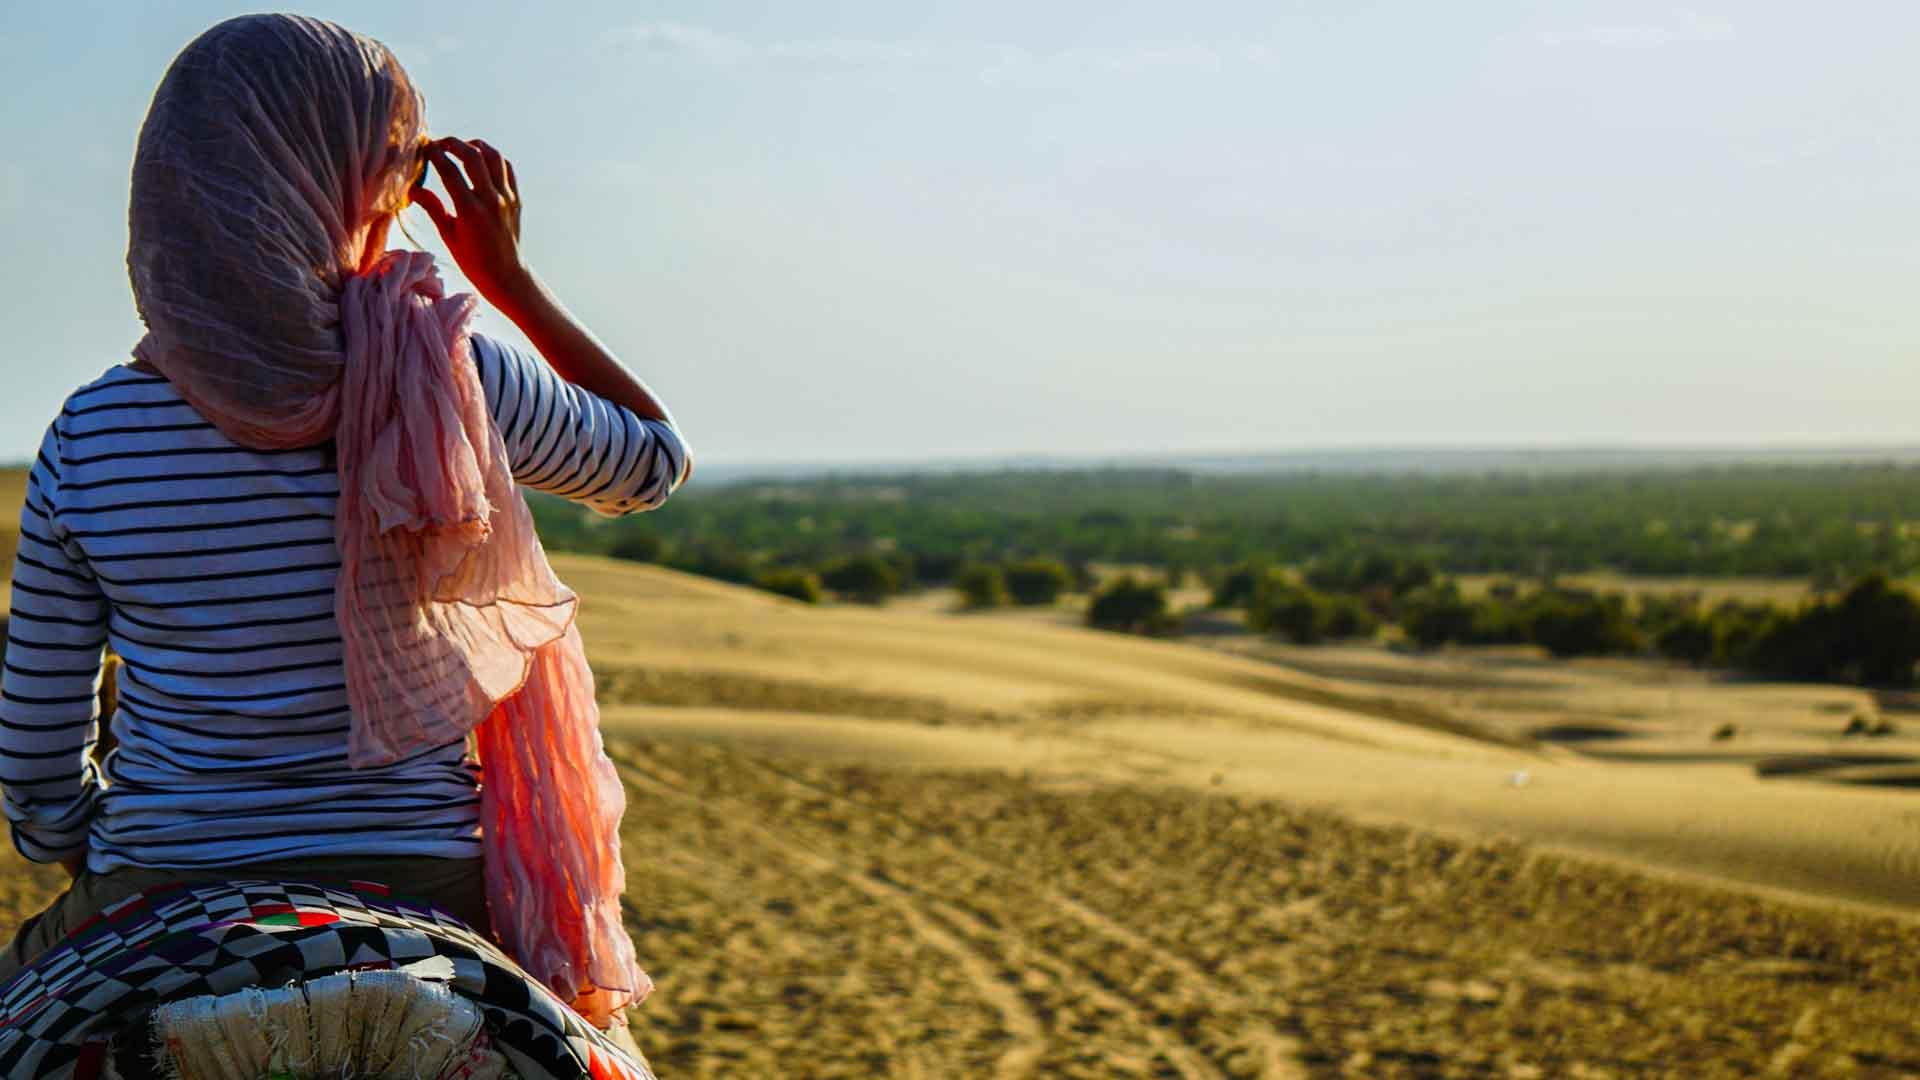 Jul&Gaux SerialHikers autostop hitchhiking aventure adventure alternative travel voyage volontariat volonteering couchsurfing trustroots inde desert feminin women guide baroudeuse adventuress